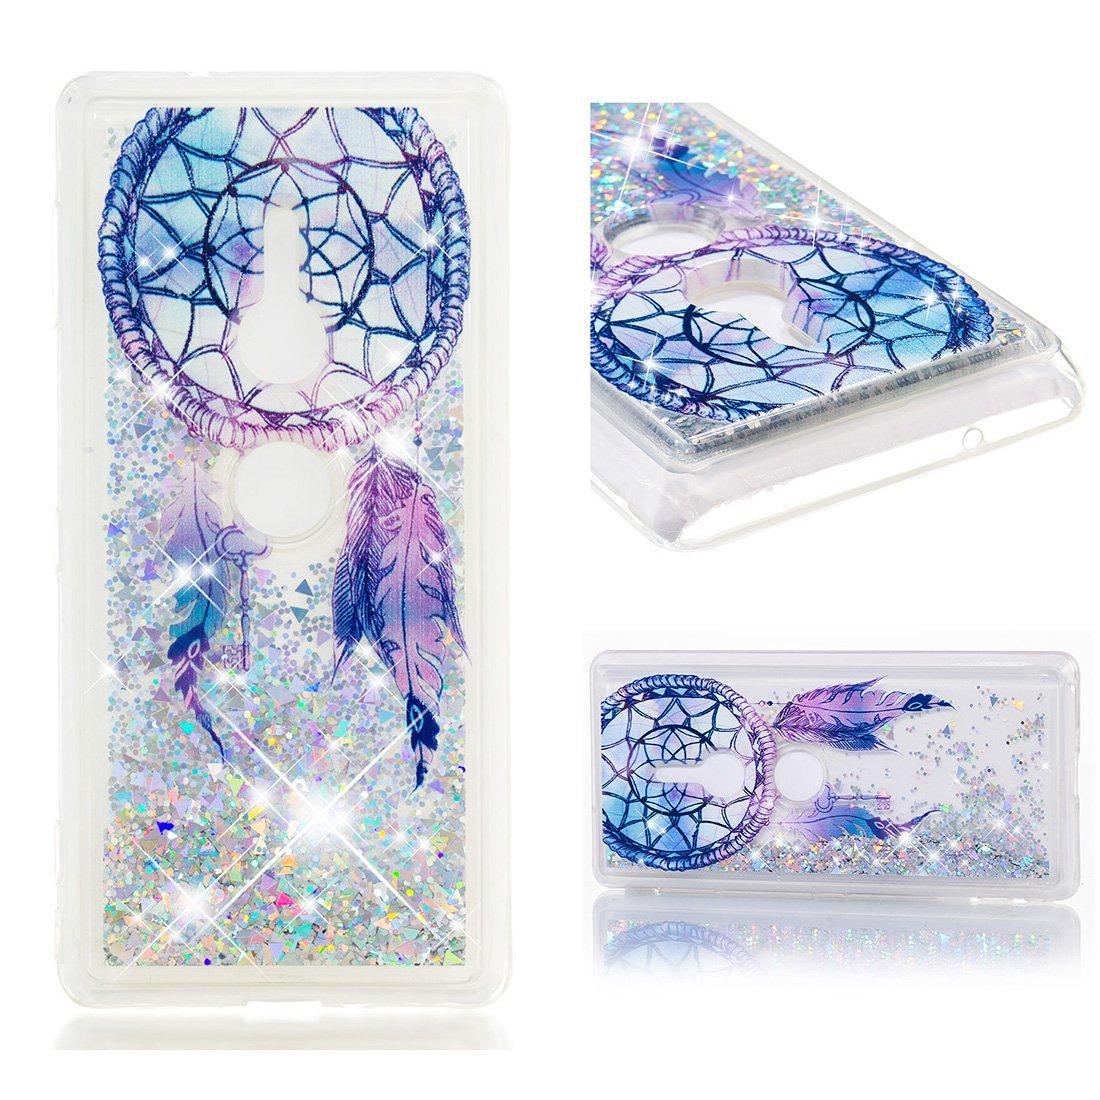 Cover Sony Xperia XZ2, Lyzwn 3D Glitter Liquido Sabbie Mobili Trasparente Morbido TPU Silicone Custodia per Sony Xperia XZ2 Brillantini Sequin Posteriore Protettiva Case